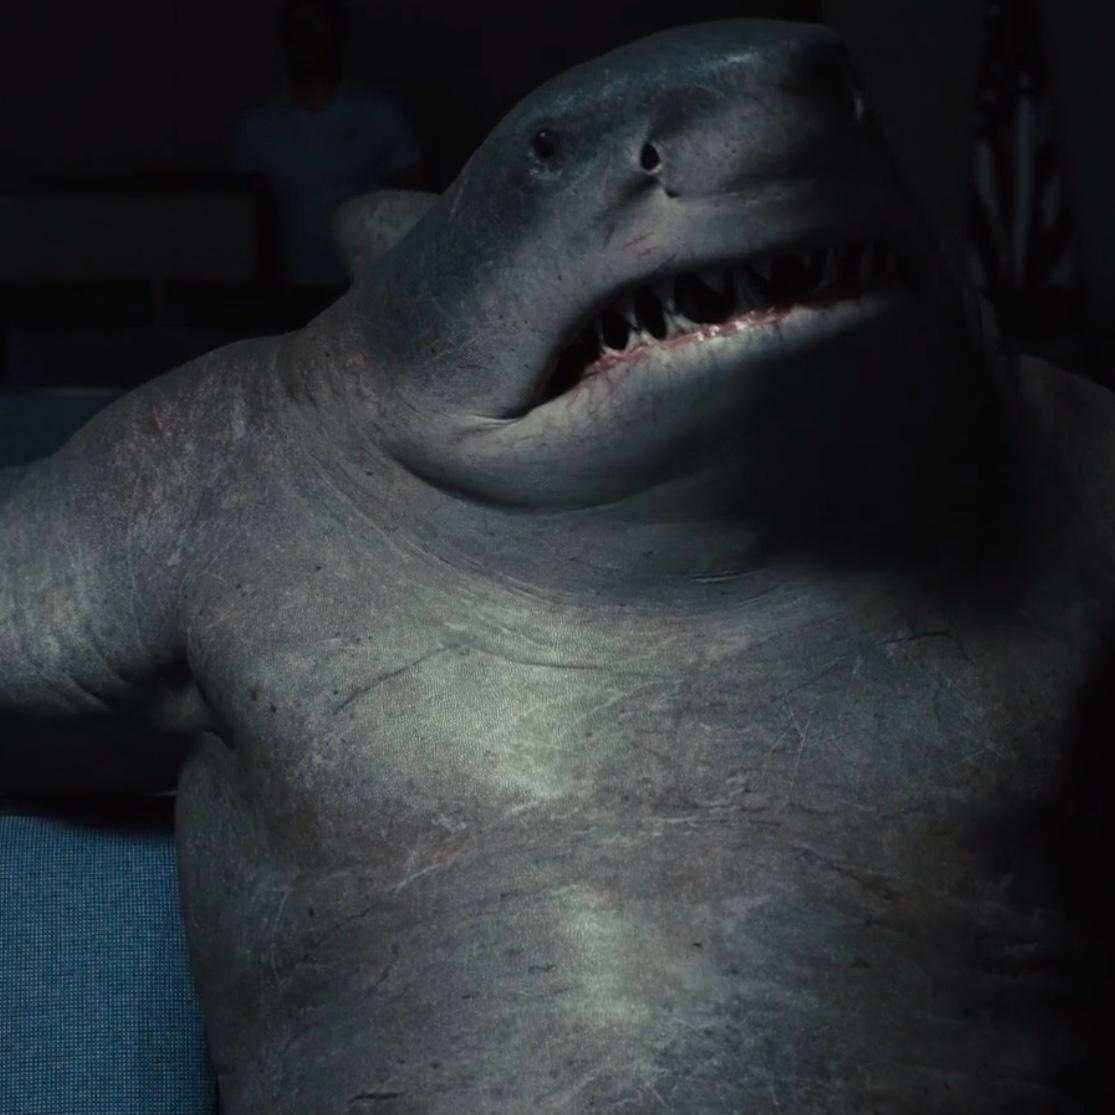 影视资讯鲨鲨太可爱了